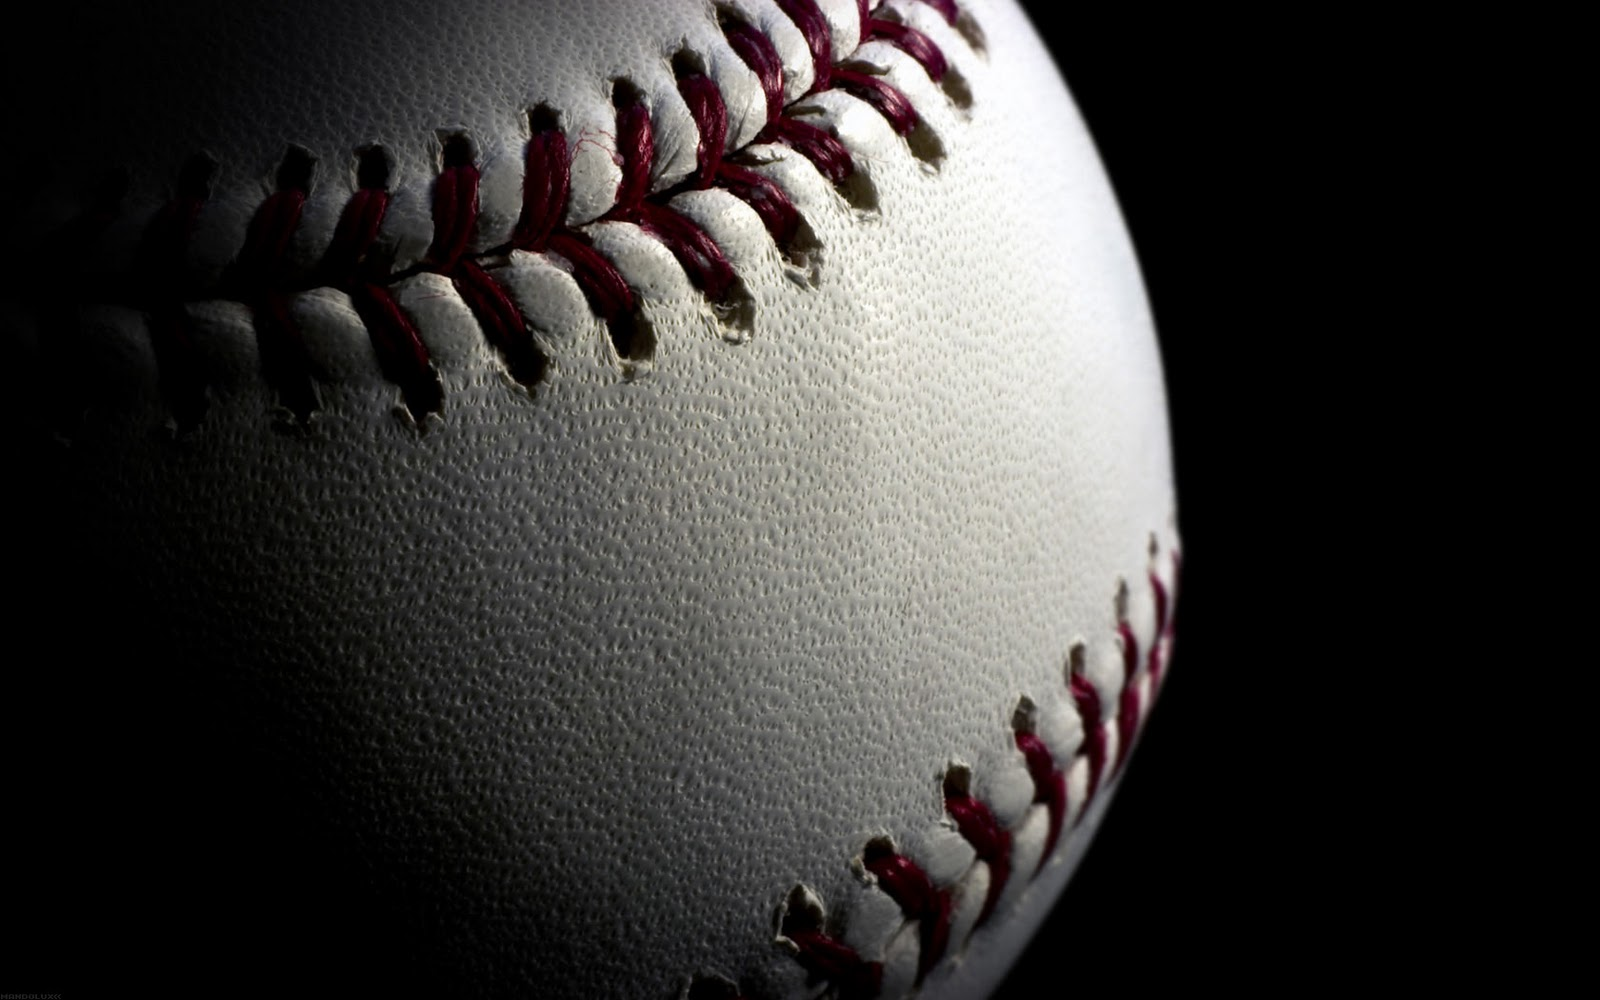 Description Baseball HD Wallpaper is a hi res Wallpaper for pc 1600x1000